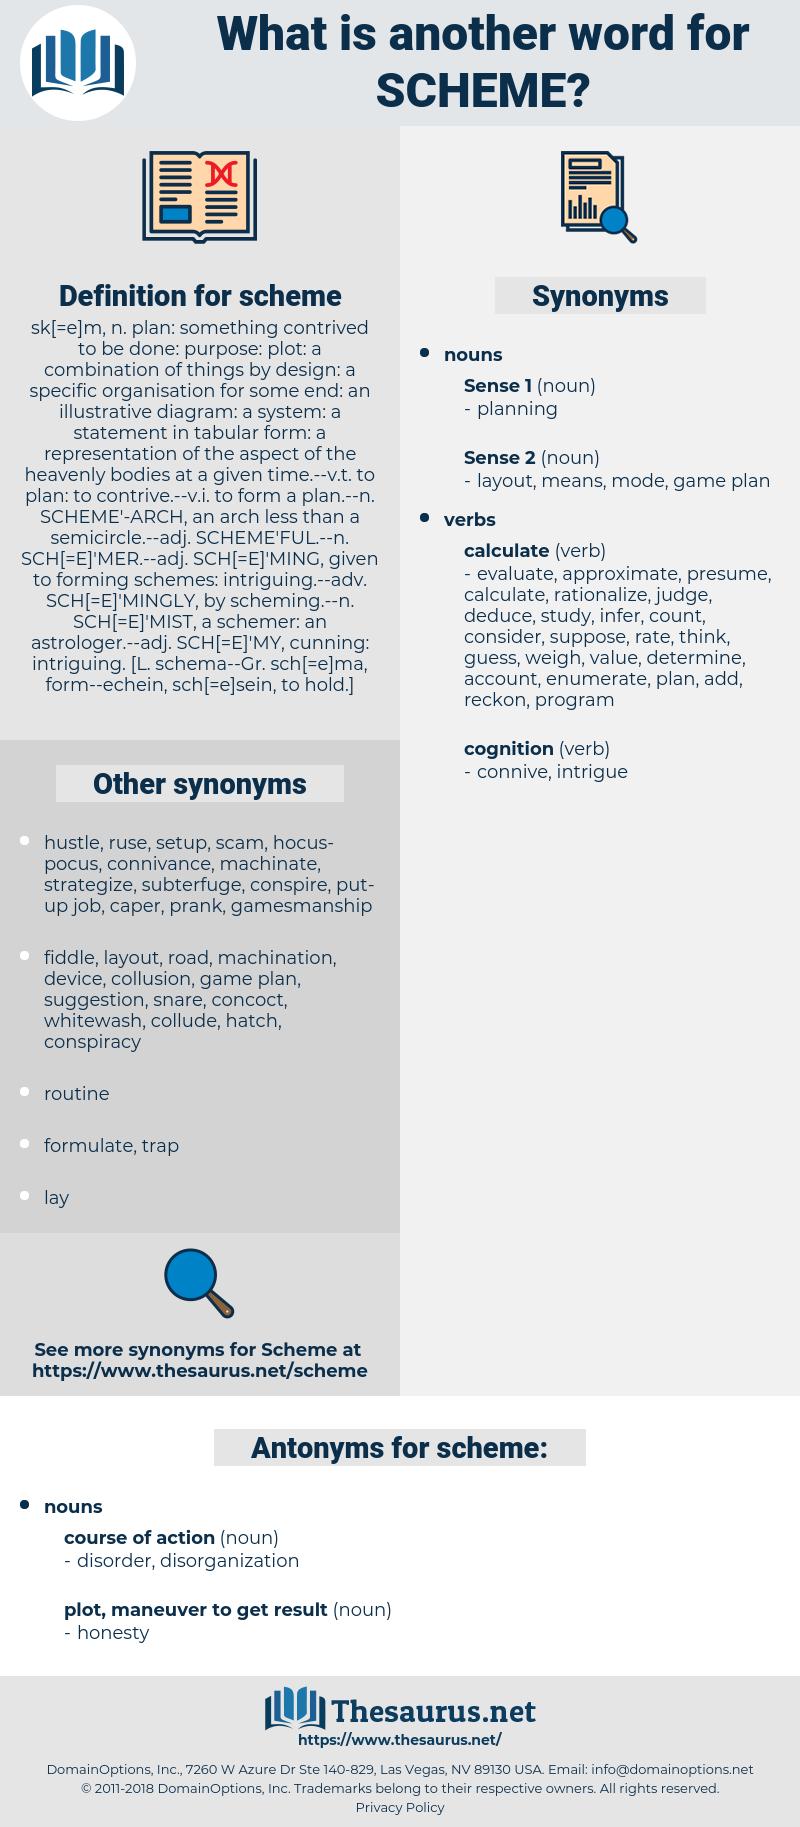 scheme, synonym scheme, another word for scheme, words like scheme, thesaurus scheme